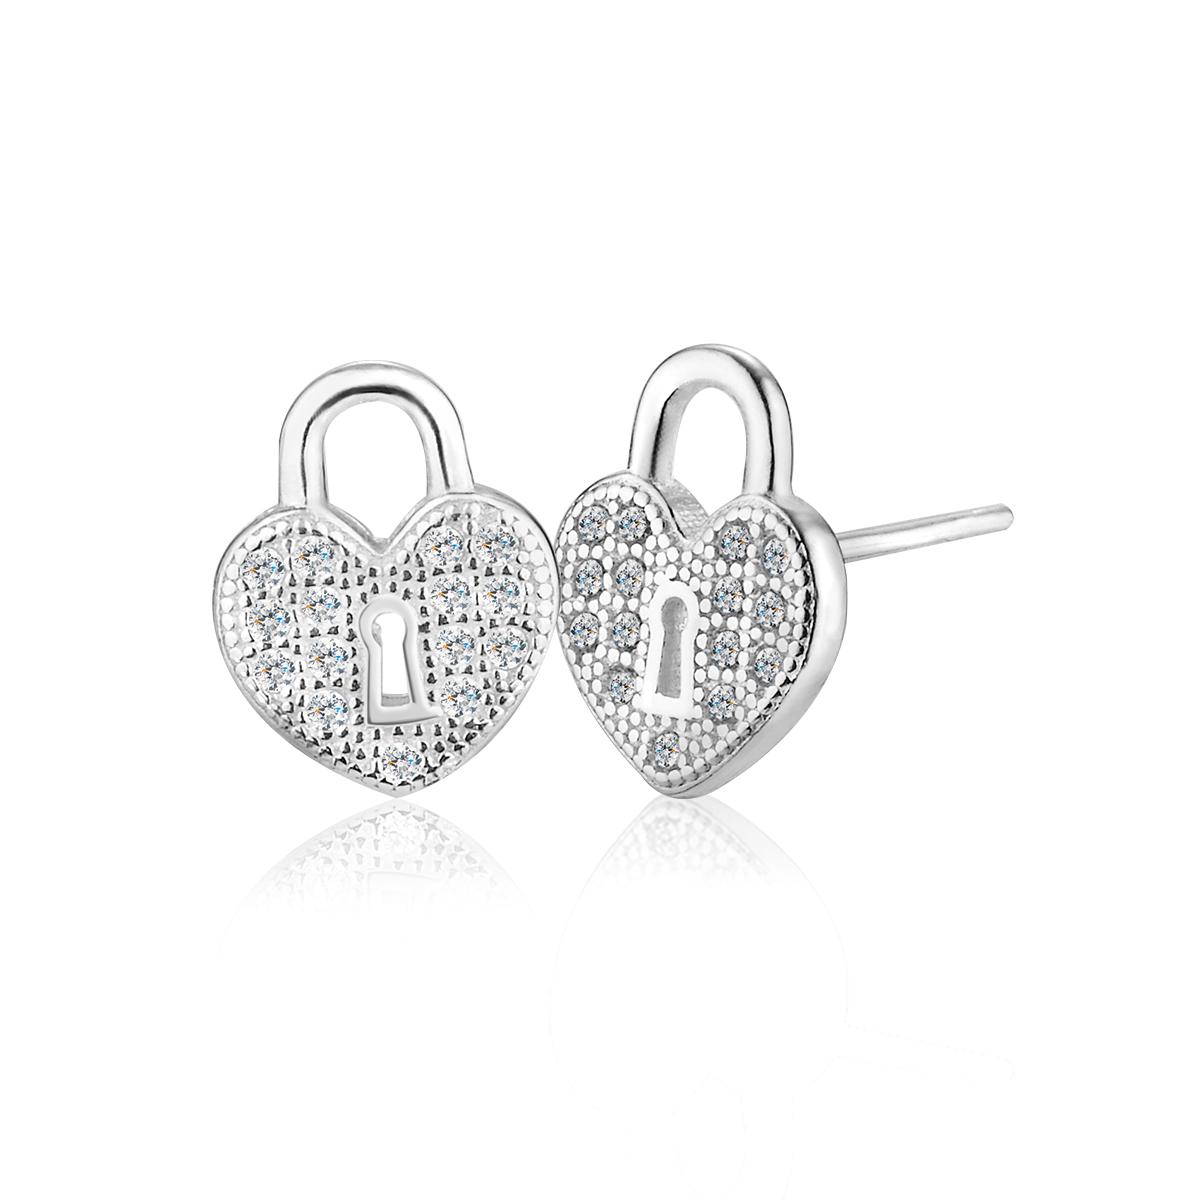 ED140 愛心鑰匙鎖耳環/一對販售